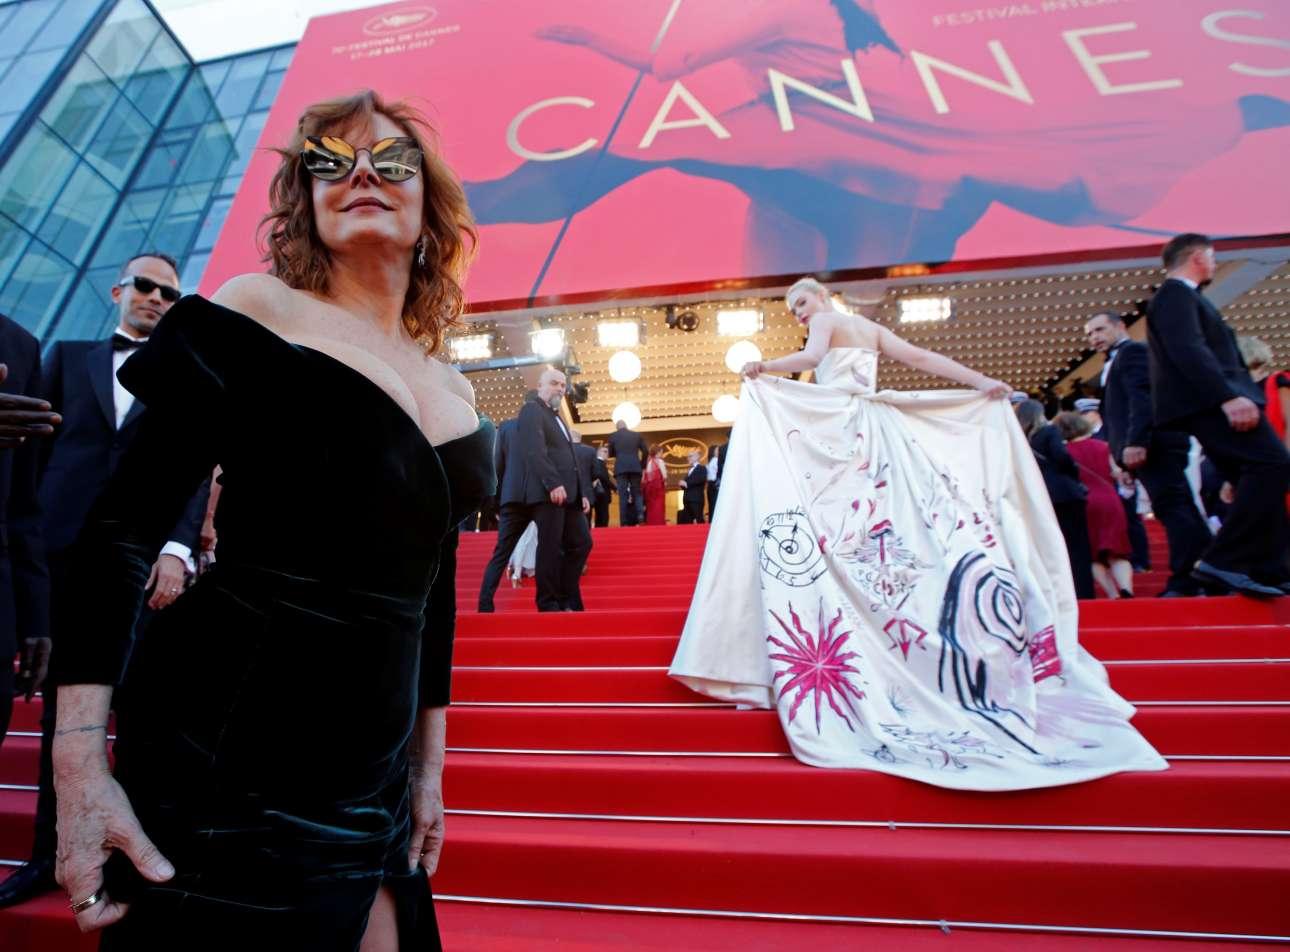 H Σούζαν Σαράντον, πάντα εντυπωσιακή ετοιμάζεται να ανεβεί το κόκκινο χαλί. Η Ελ Φάνινγκ προηγείται και ρίχνει μια κλεφτή ματιά στον φωτογραφικό φακό